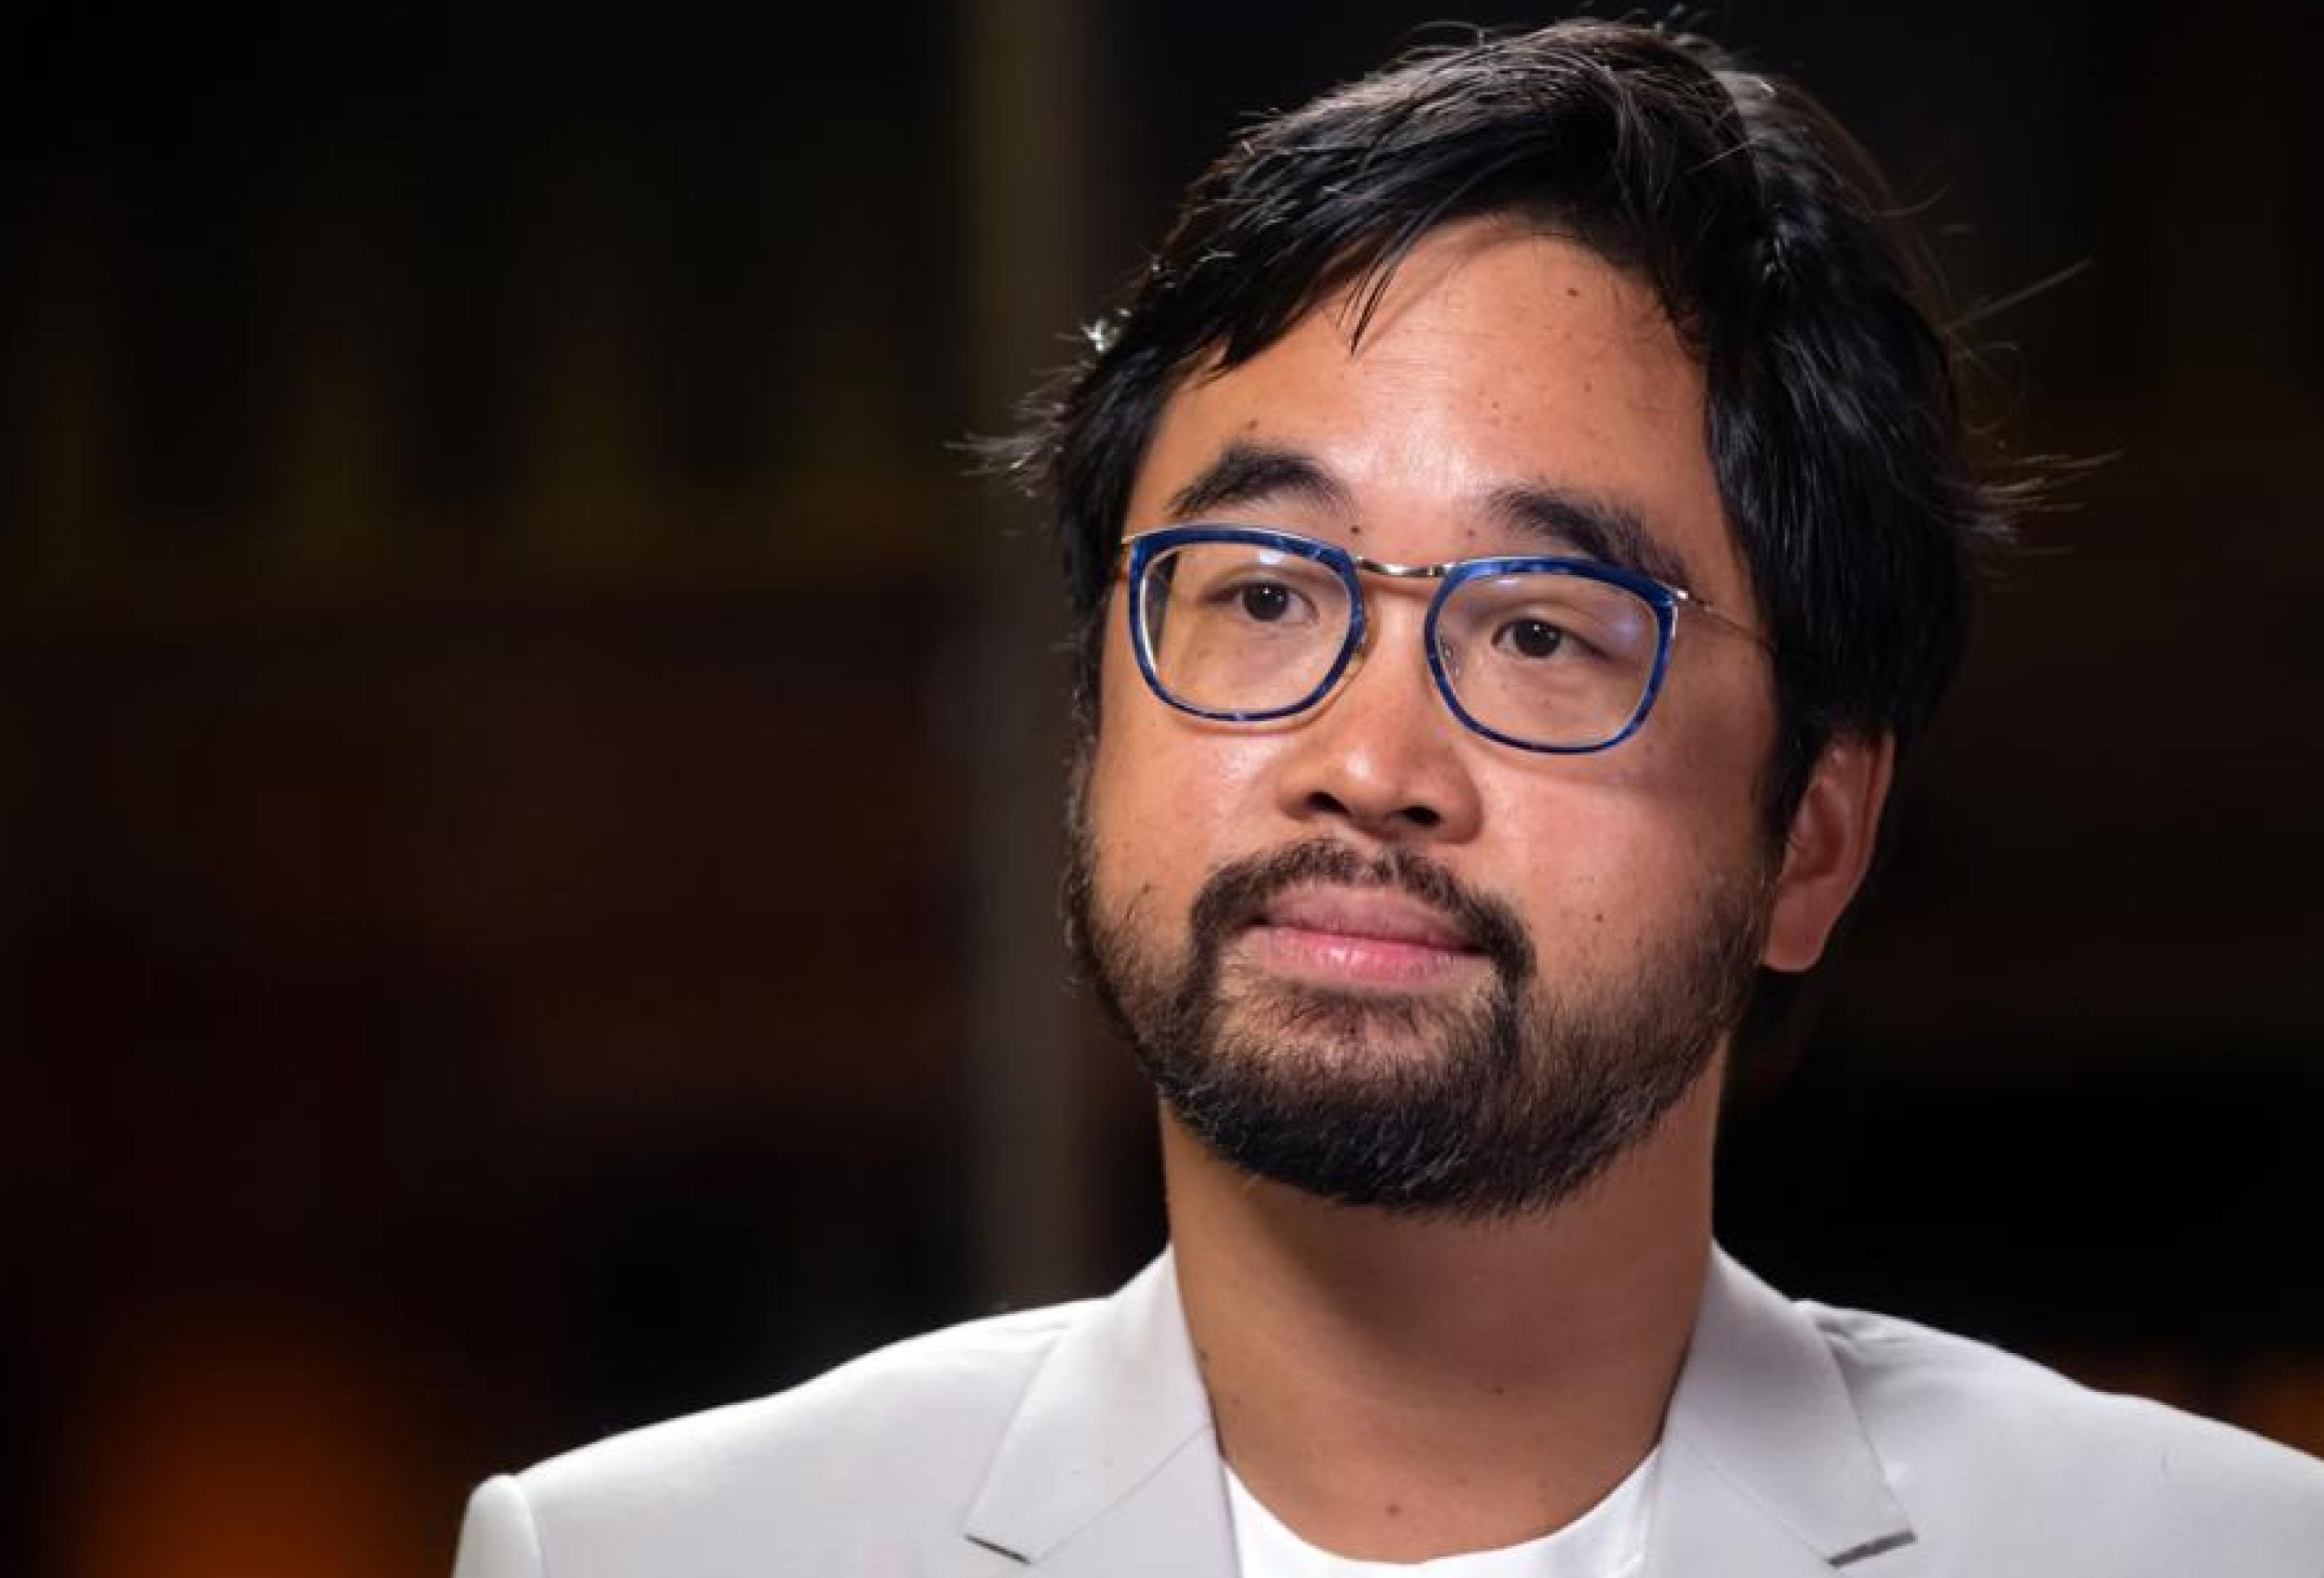 Adrian Cheng headshot